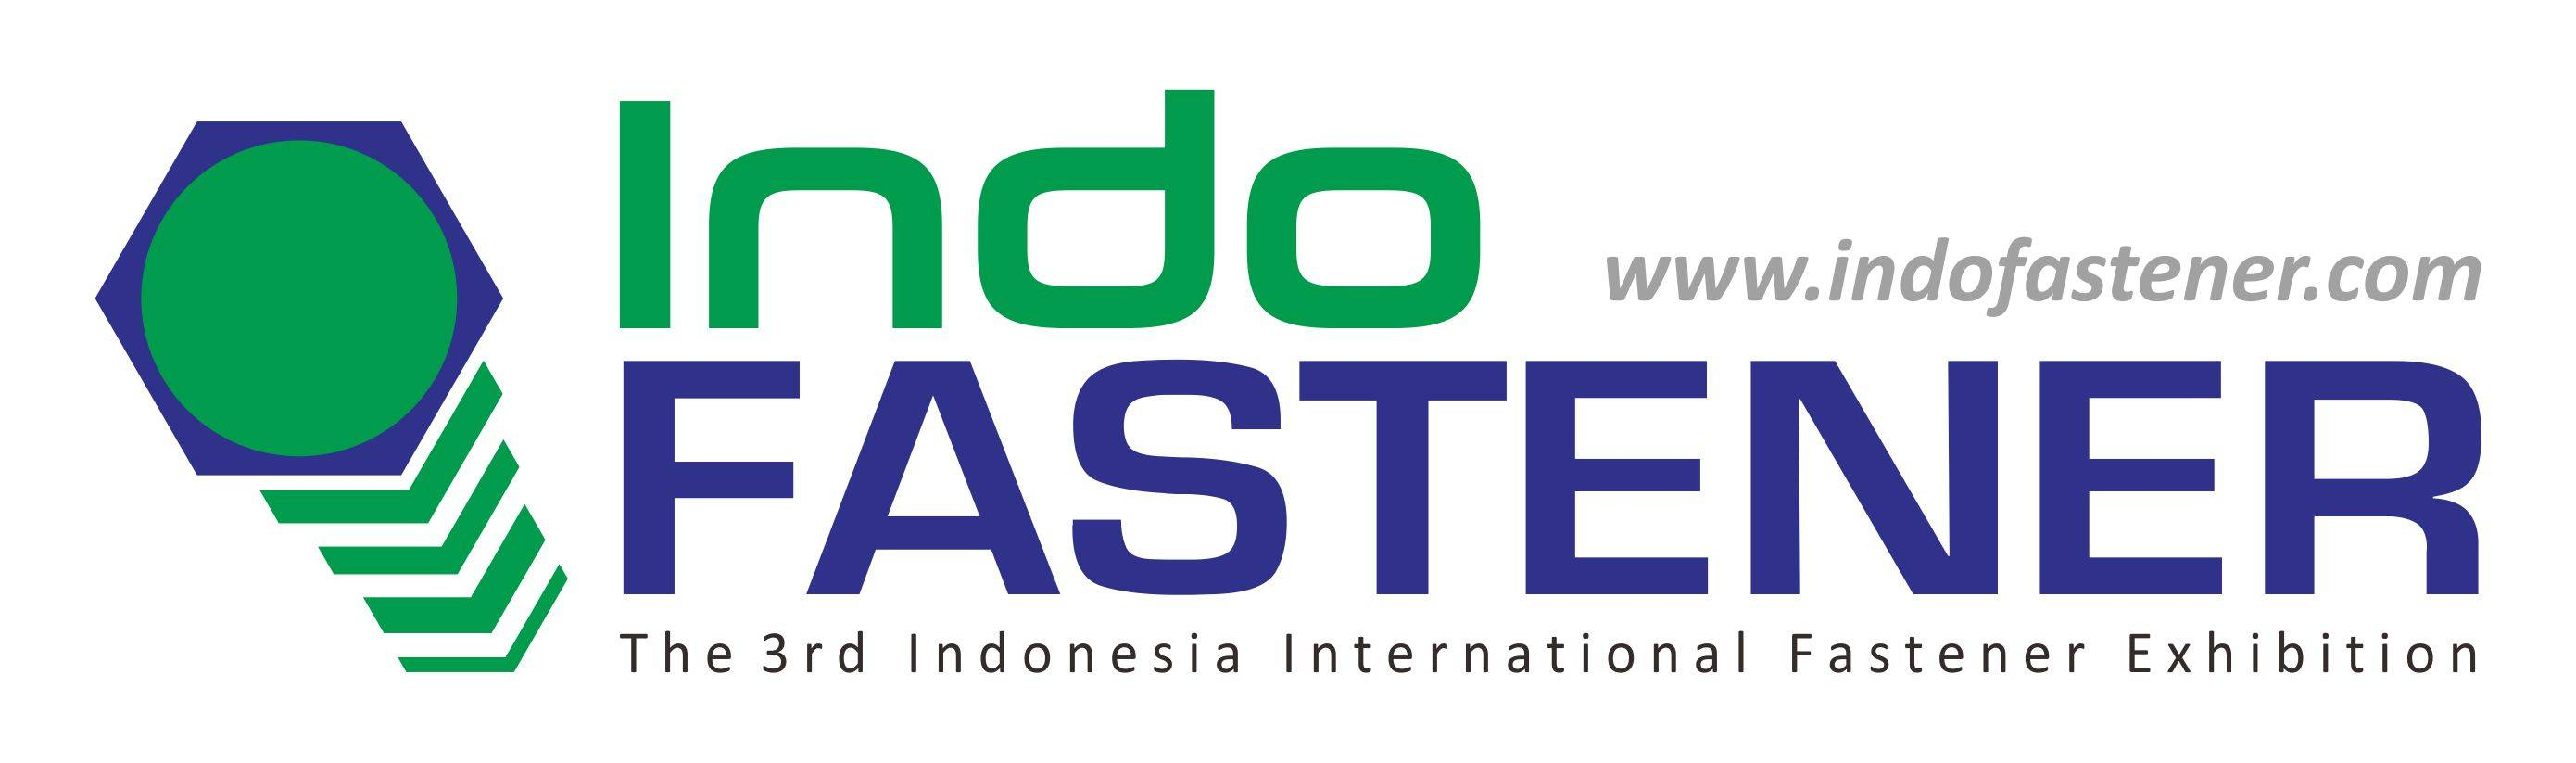 印尼雅加达国际五金和紧固件展览会logo